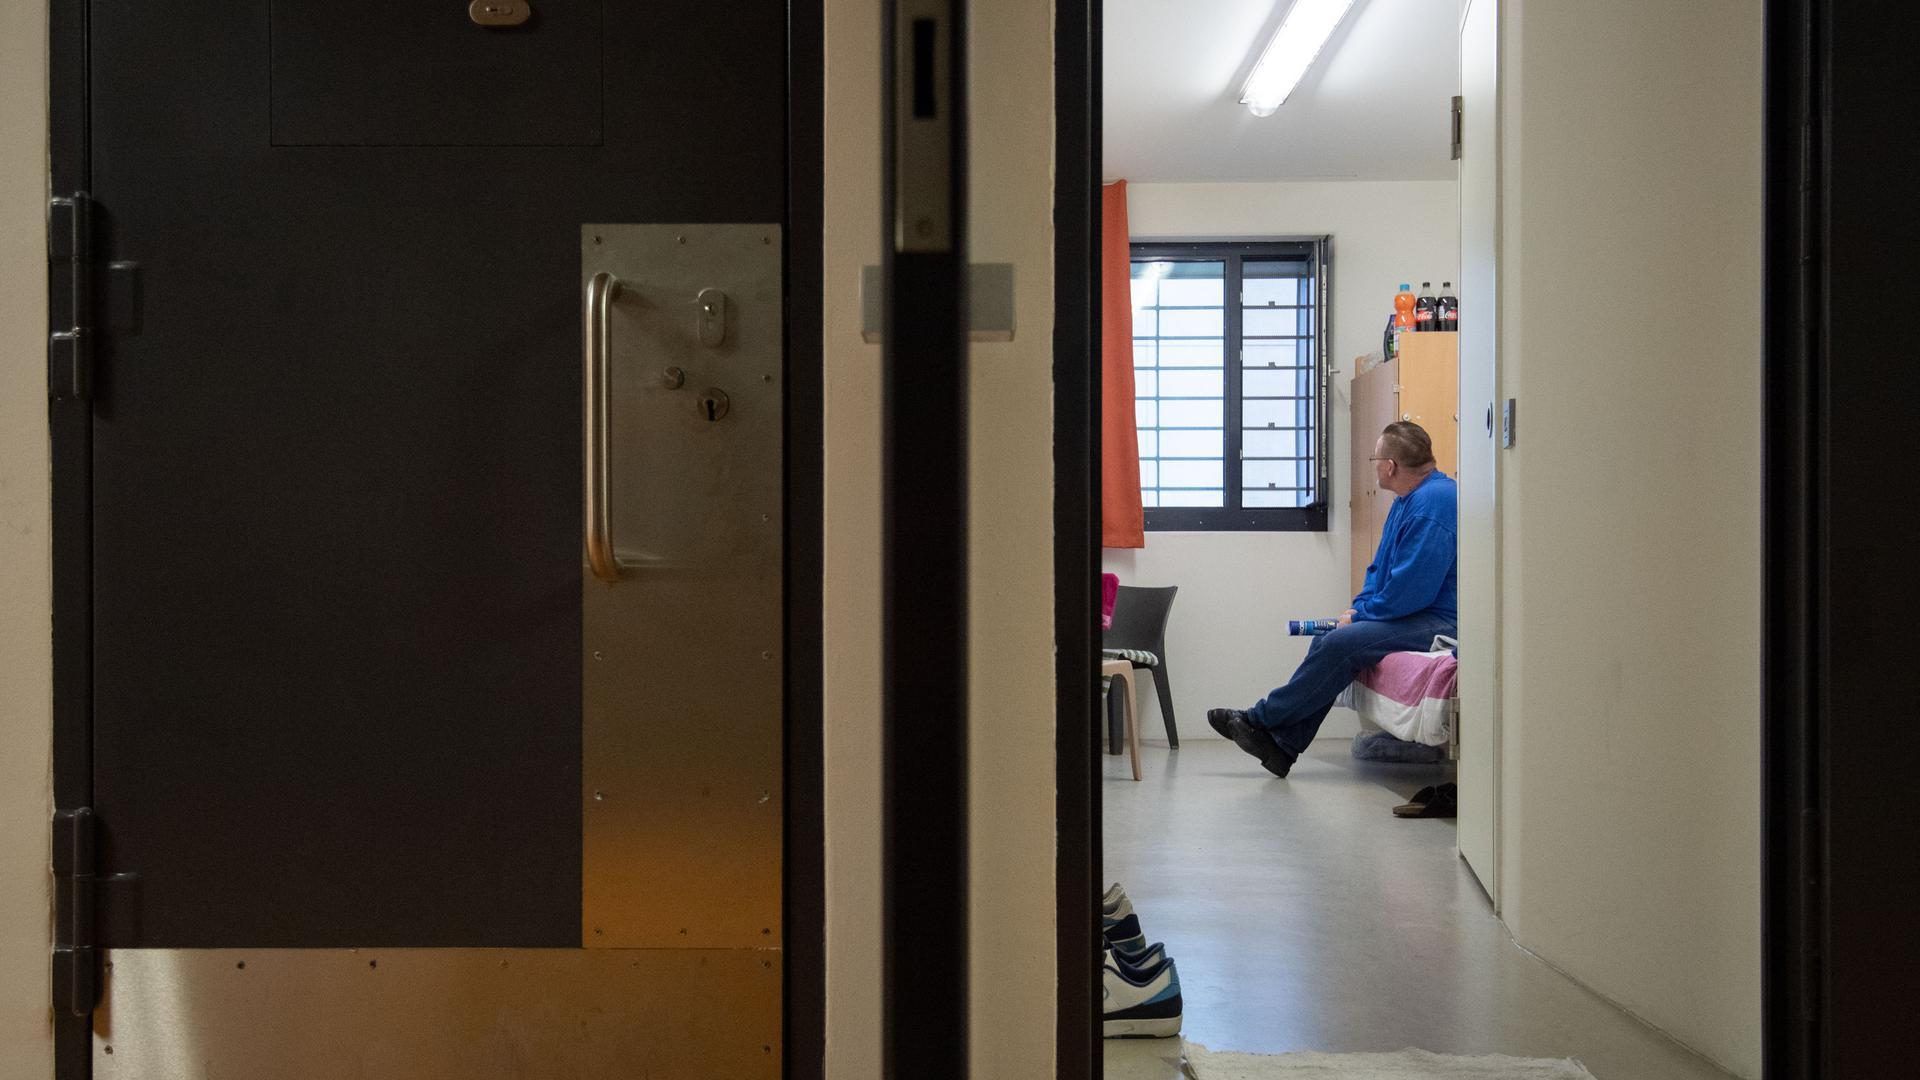 Hinter Gittern: Manche Menschen landen im Gefängnis, obwohl sie nur eine Geldstrafe hätten zahlen sollen. Ein Projekt in Baden-Württemberg soll solche Ersatzfreiheitsstrafen vermeiden helfen.